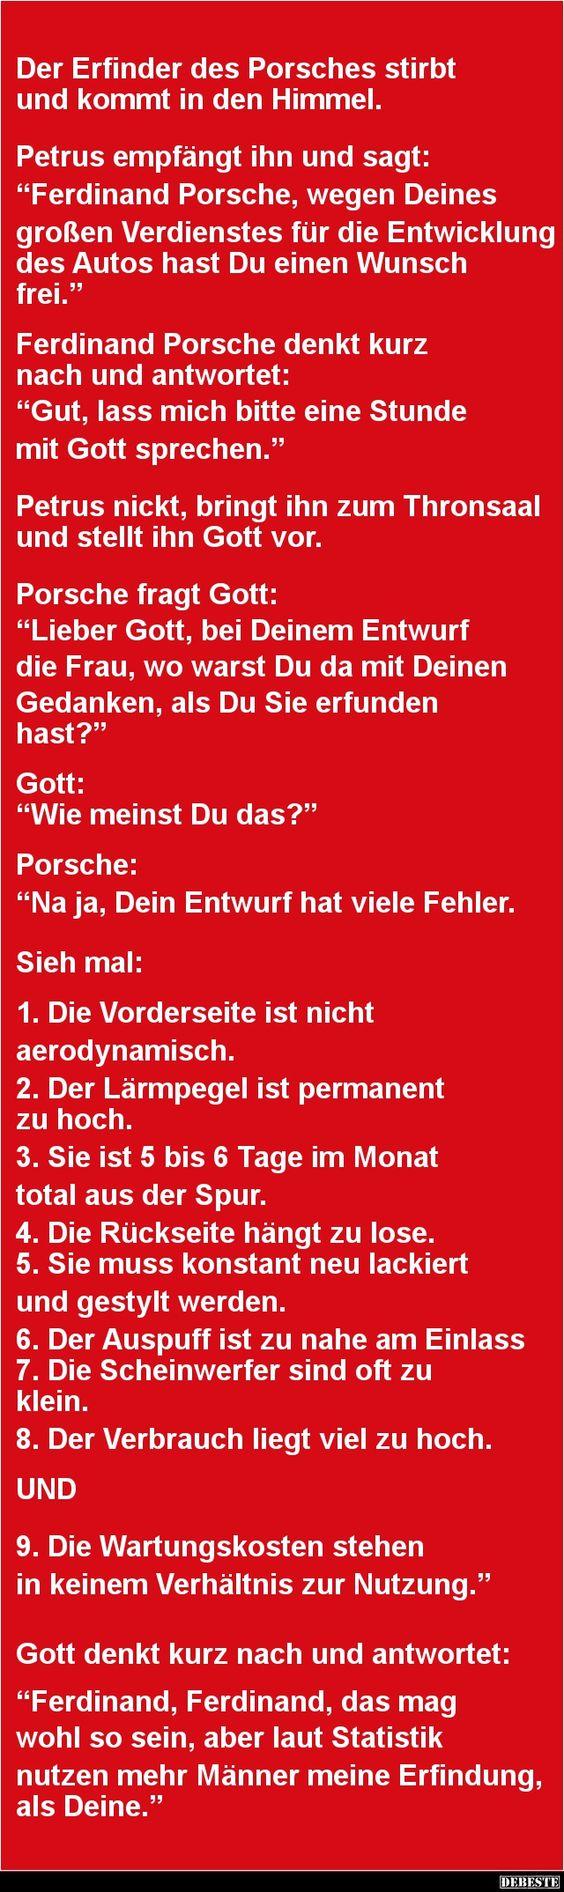 Der Erfinder des Porsches stirbt und kommt in den Himmel   DEBESTE.de, Lustige Bilder, Sprüche, Witze und Videos